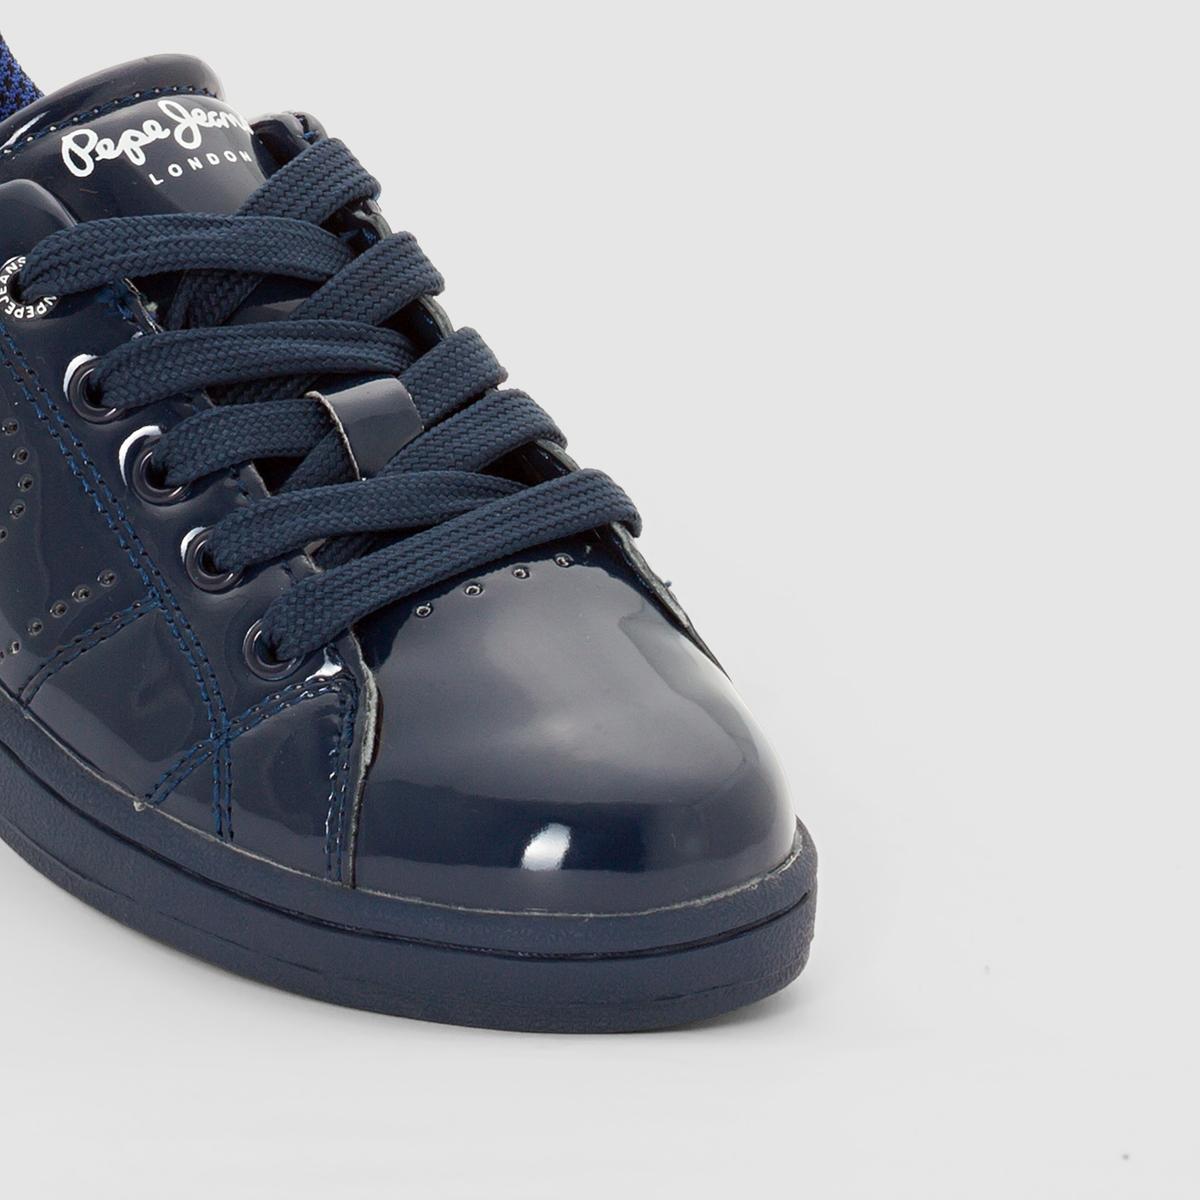 Кеды кожаные LaneПодкладка : ТекстильСтелька: ТекстильПодошва: КаучукФорма каблука : Плоский каблук   Носок : КруглыйЗастежка : Шнуровка<br><br>Цвет: темно-синий<br>Размер: 33.39